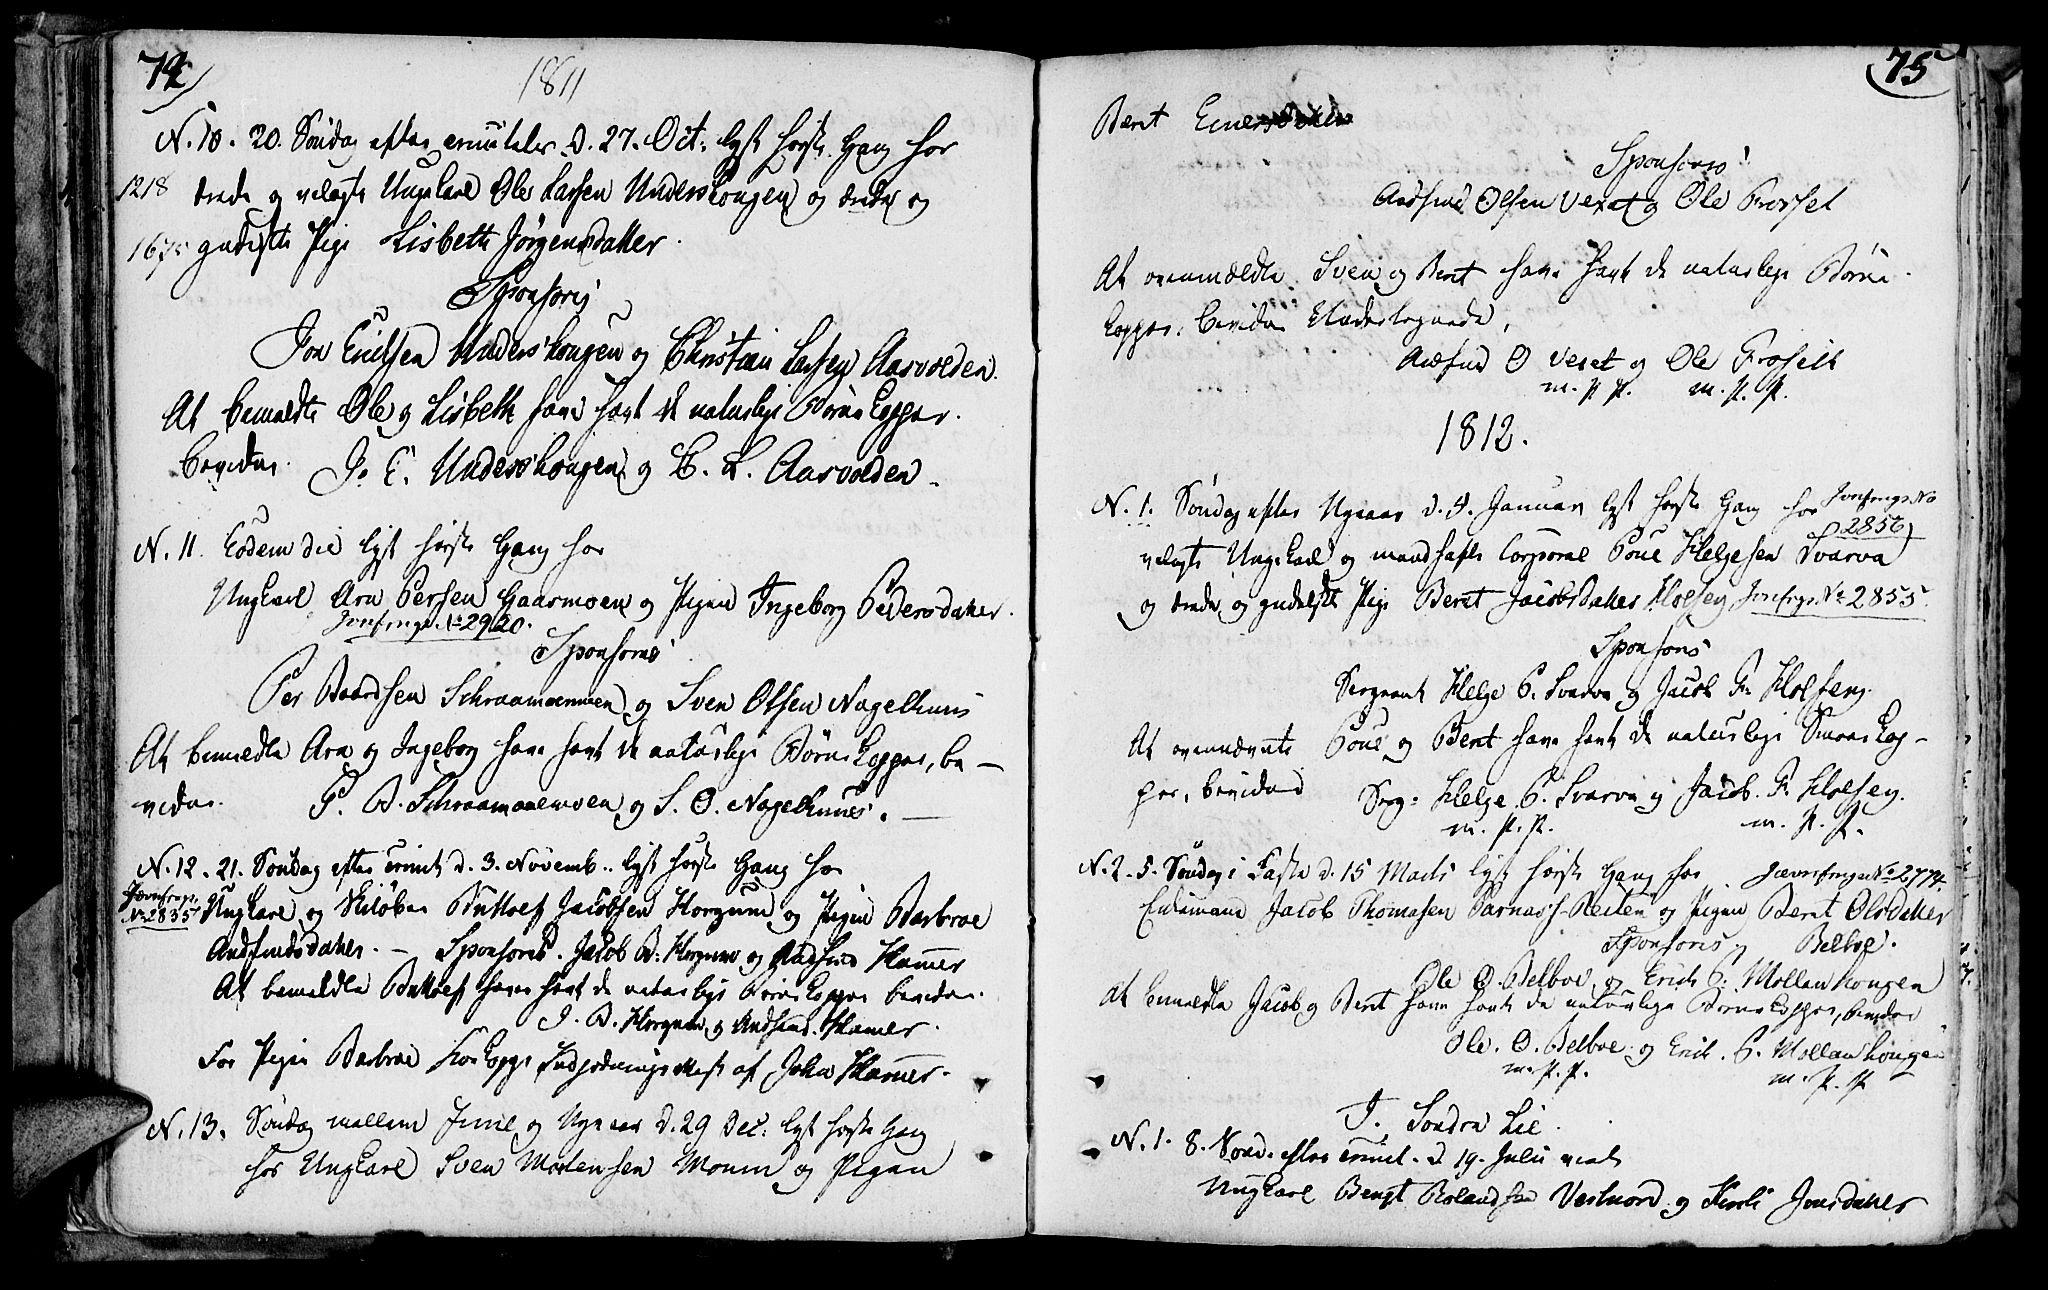 SAT, Ministerialprotokoller, klokkerbøker og fødselsregistre - Nord-Trøndelag, 749/L0468: Ministerialbok nr. 749A02, 1787-1817, s. 74-75